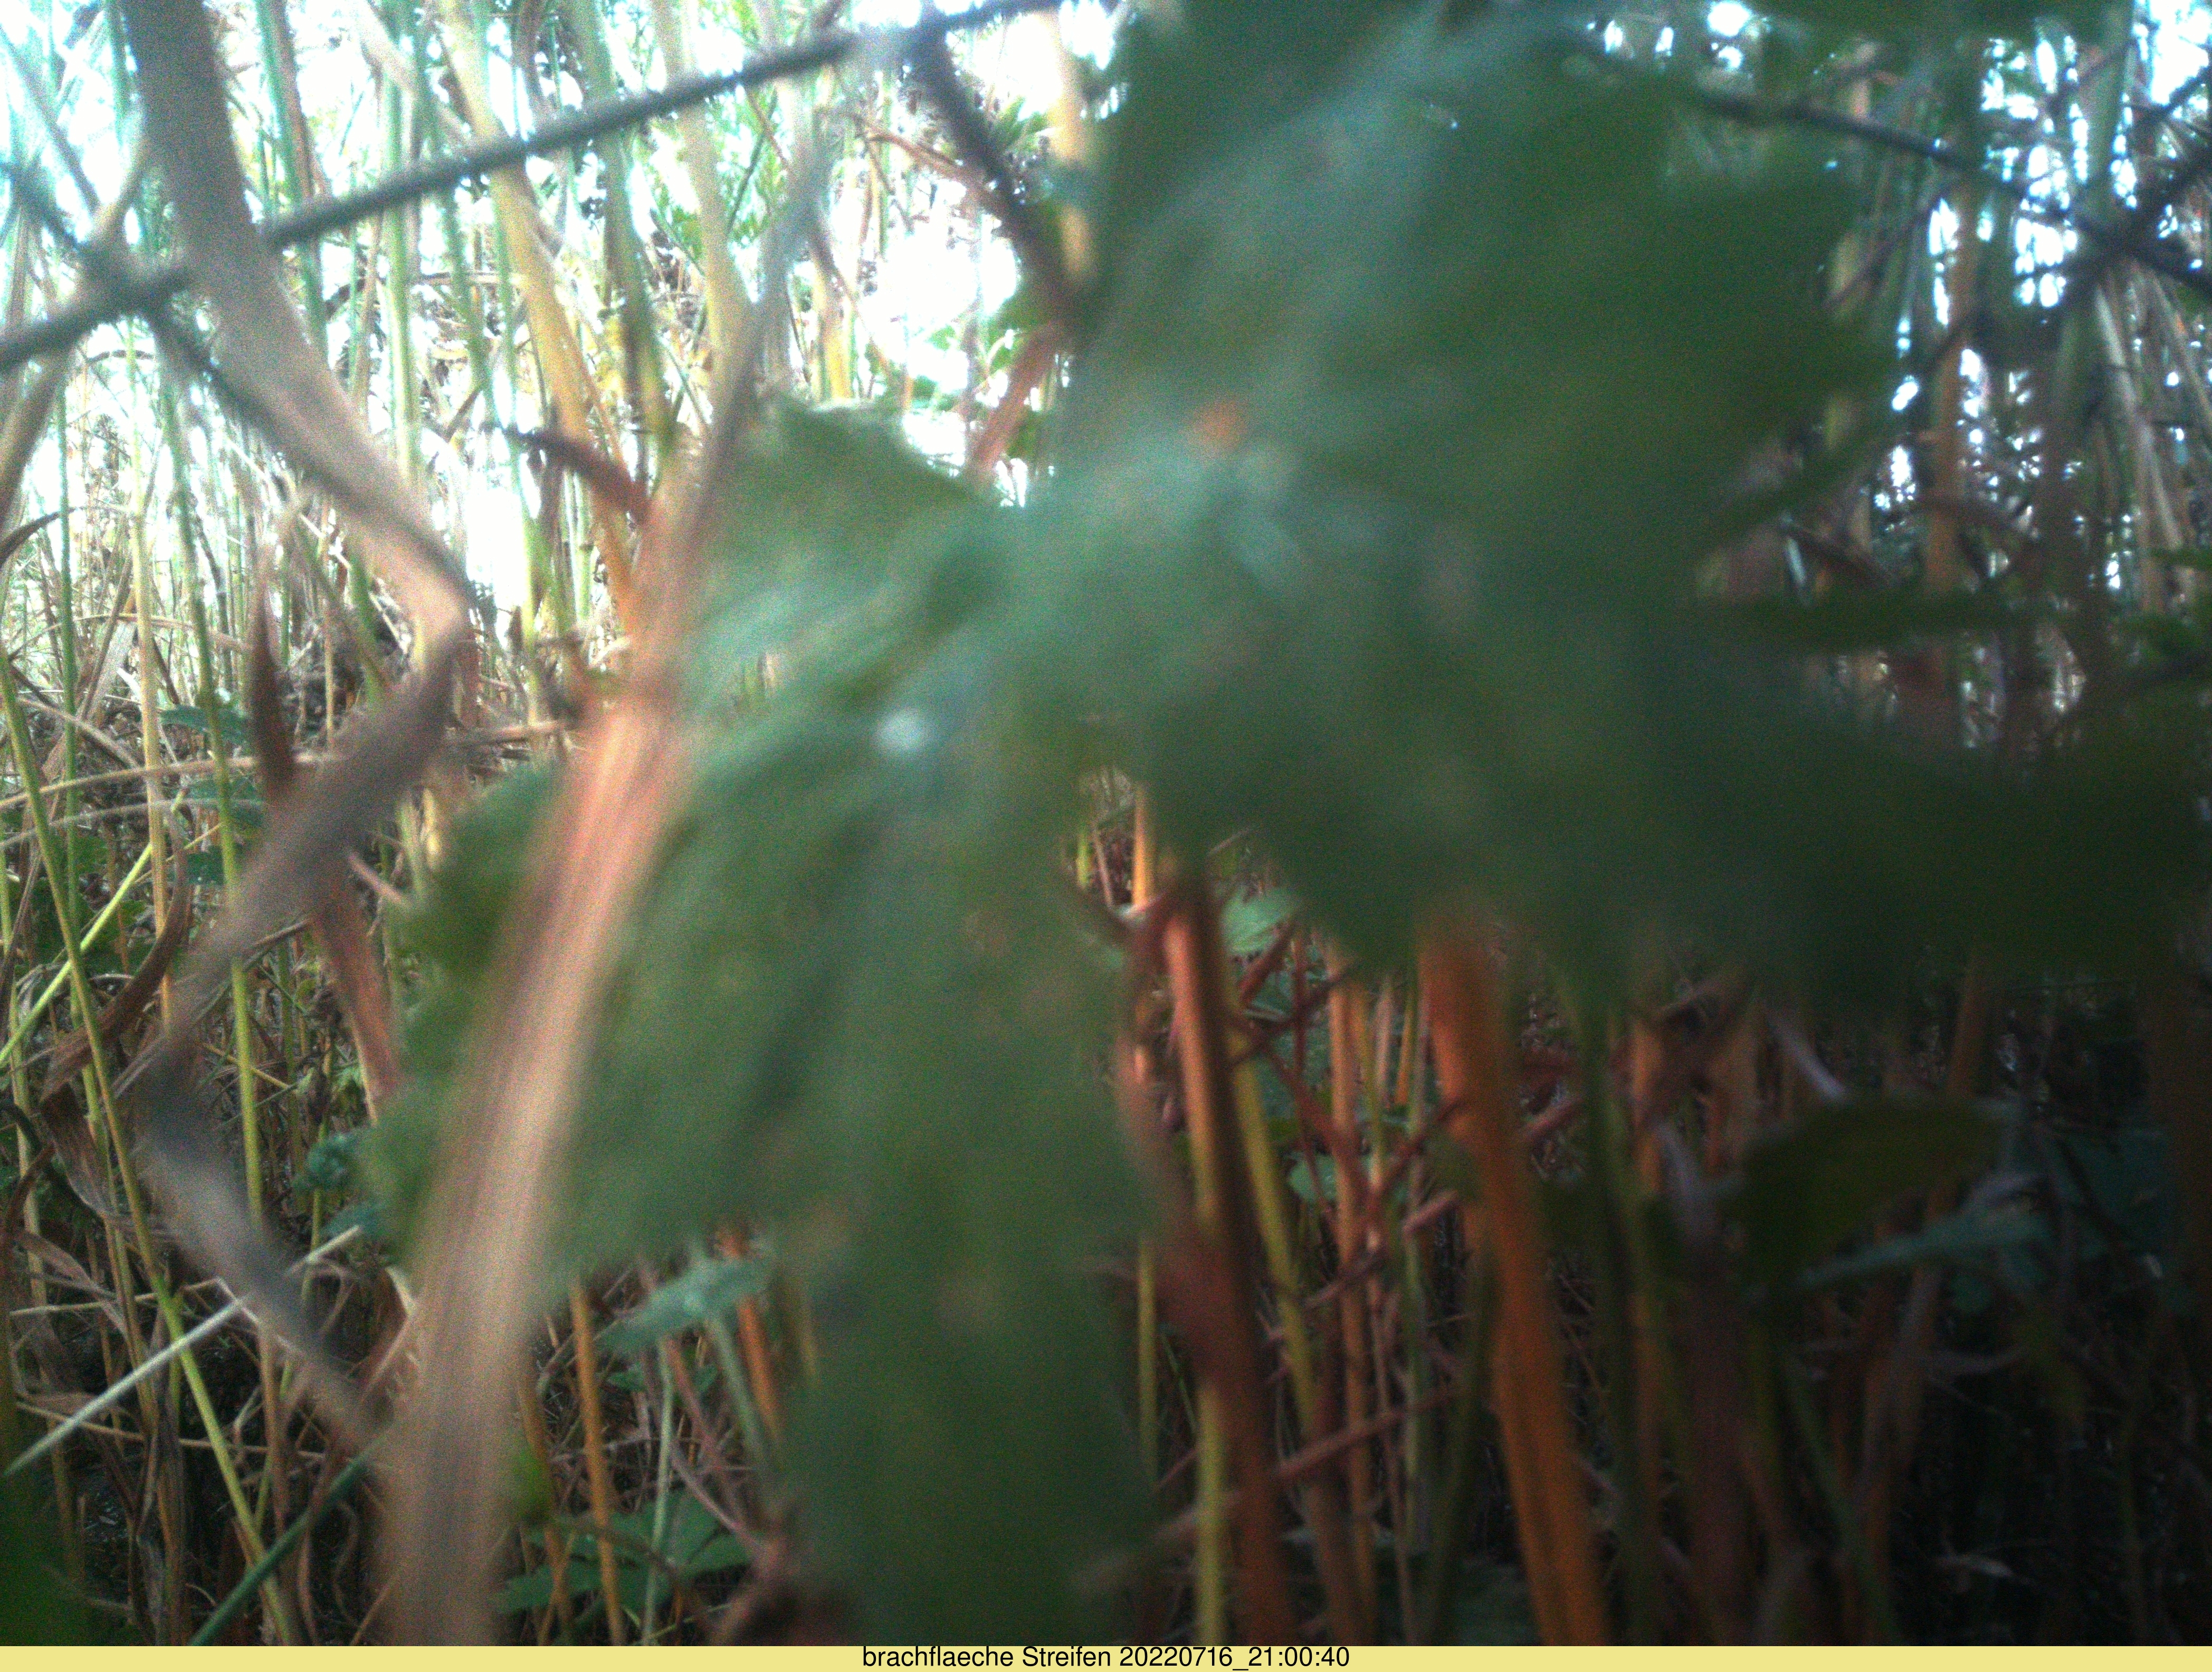 Unser Foto zeigt die Seitenansicht auf die Brachfläche in Petersaurach